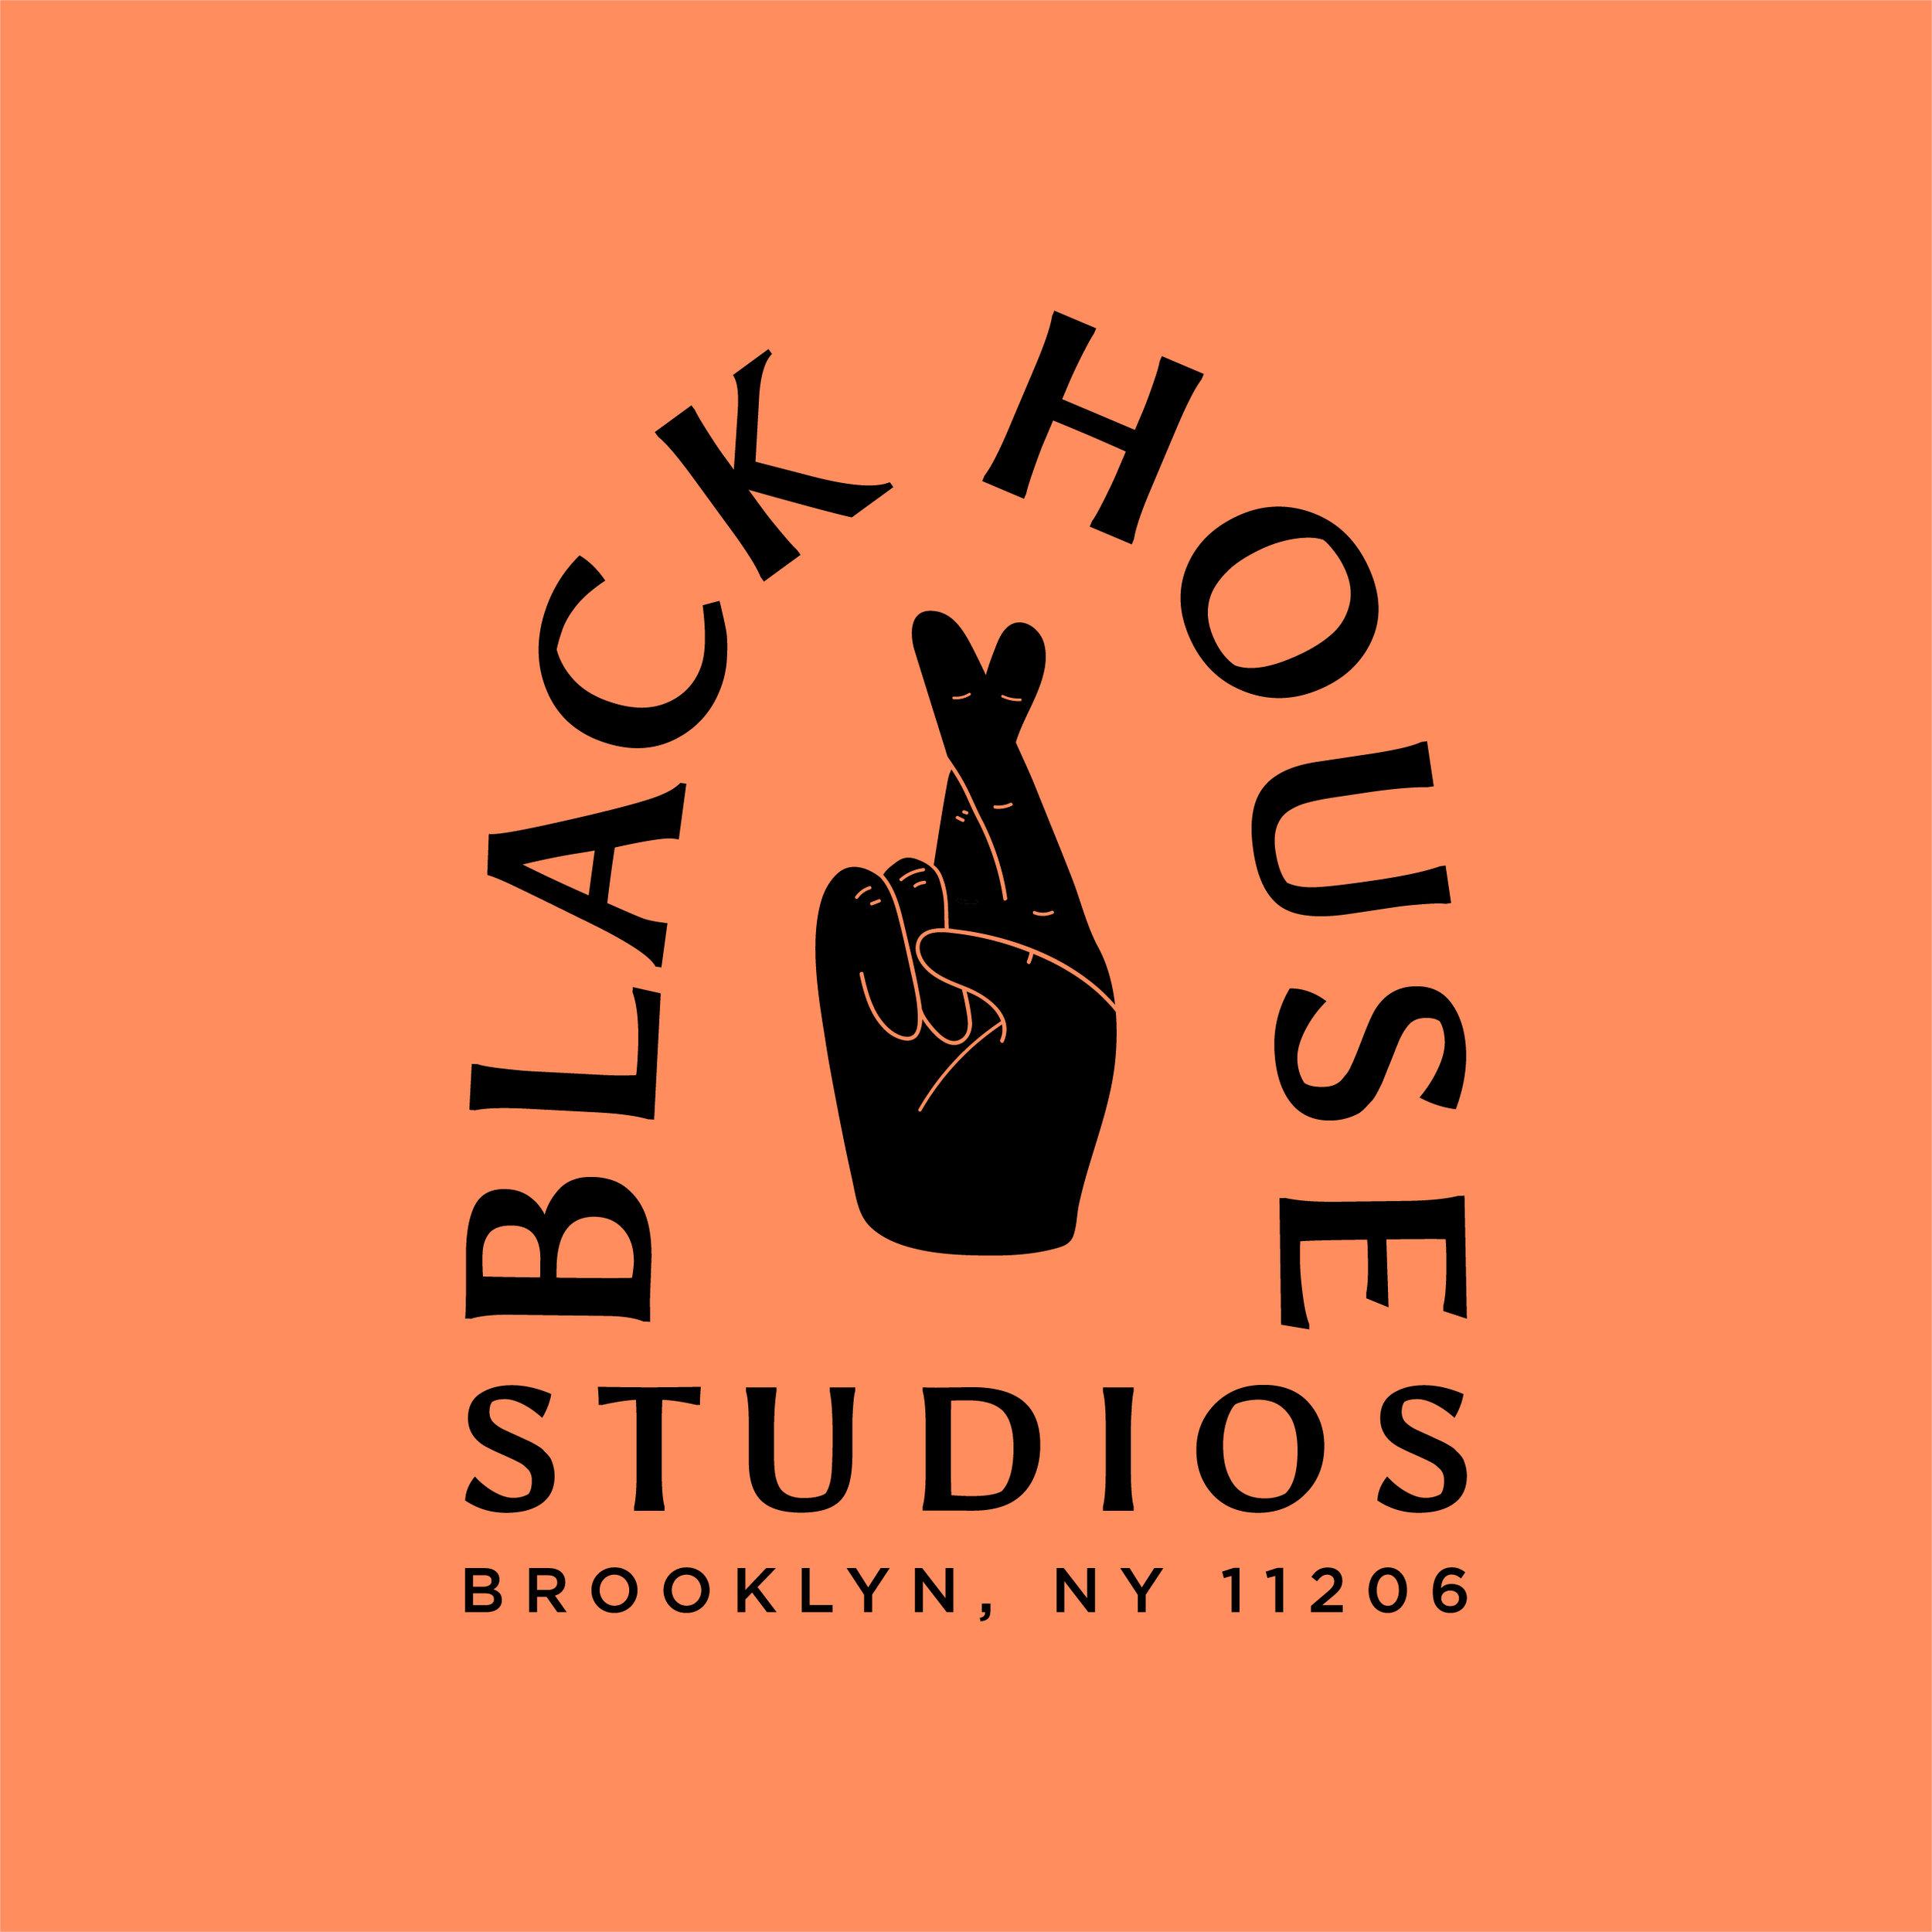 blackhousestudio-02.jpg